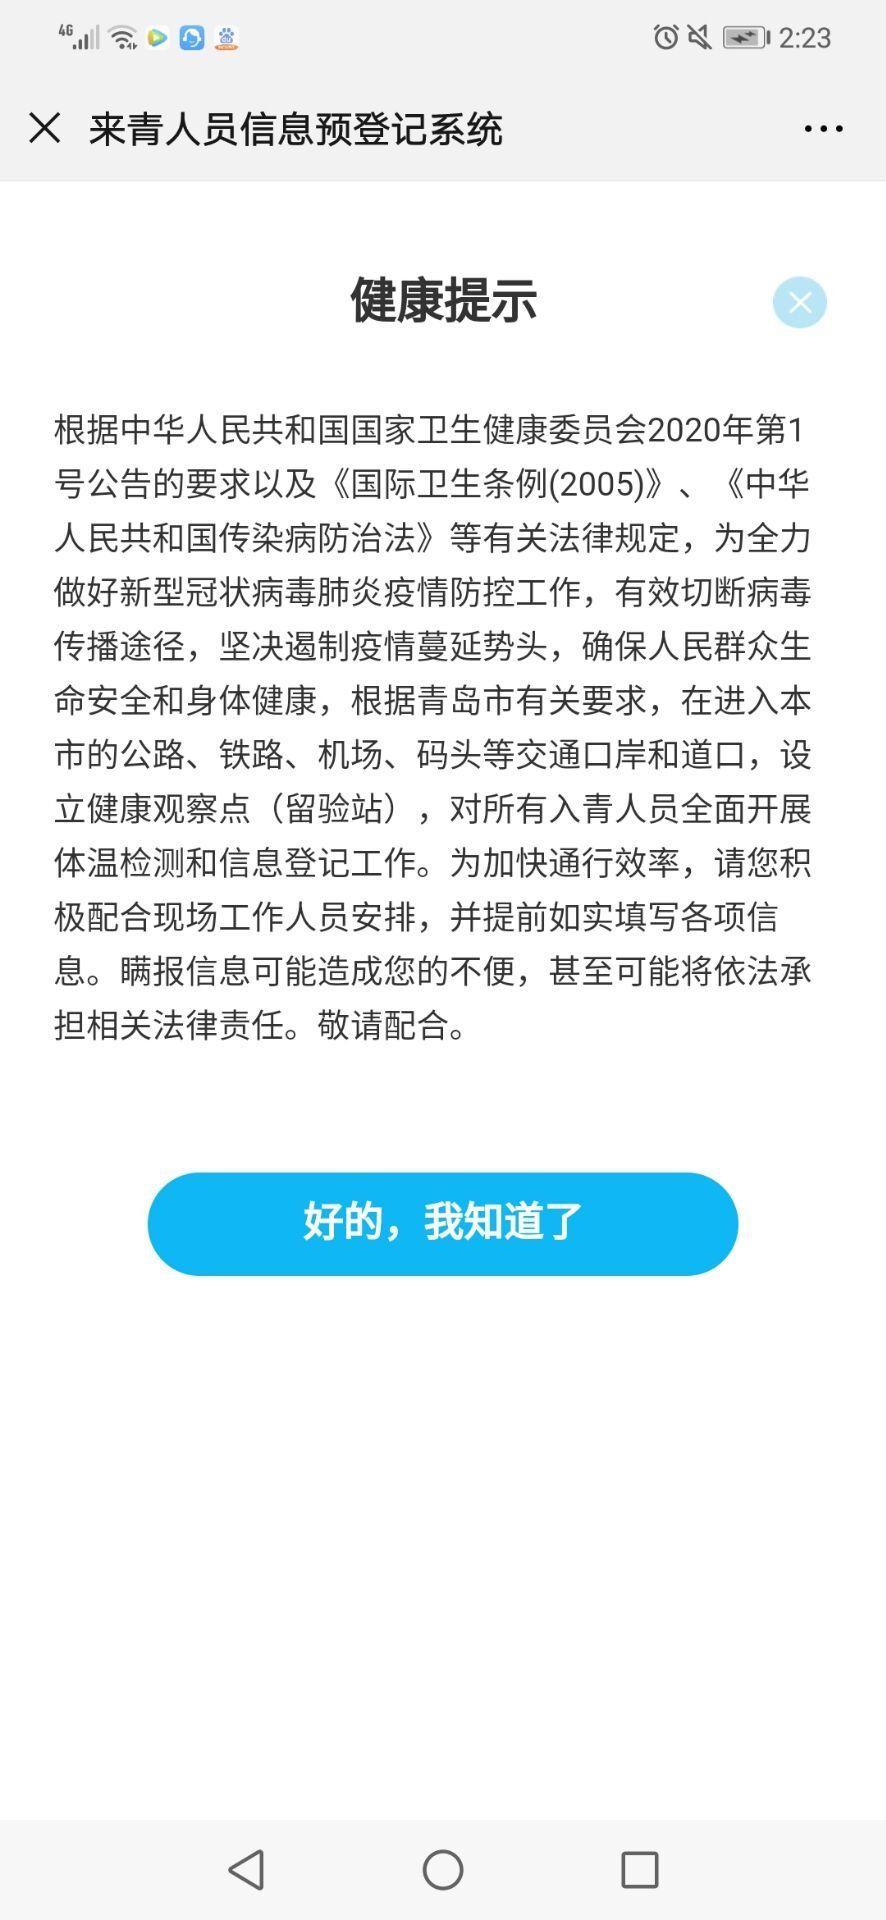 青岛来青人员信息预登记系统入口 说明